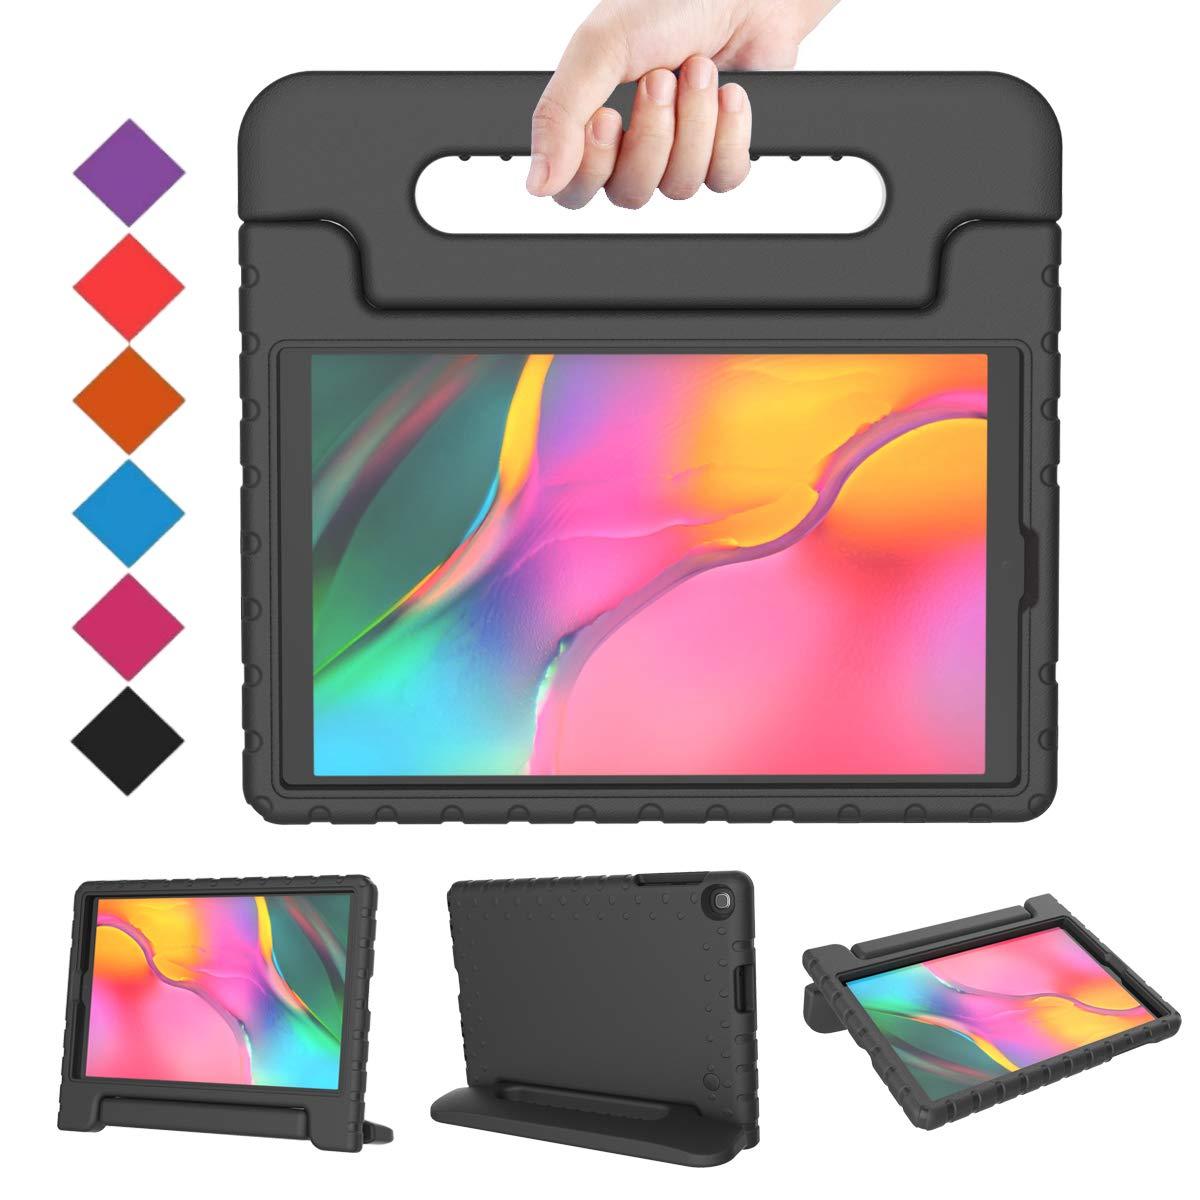 Funda Samsung Galaxy Tab A 10.1 Sm-t510 (2019) Bmouo [7tt1gd7x]